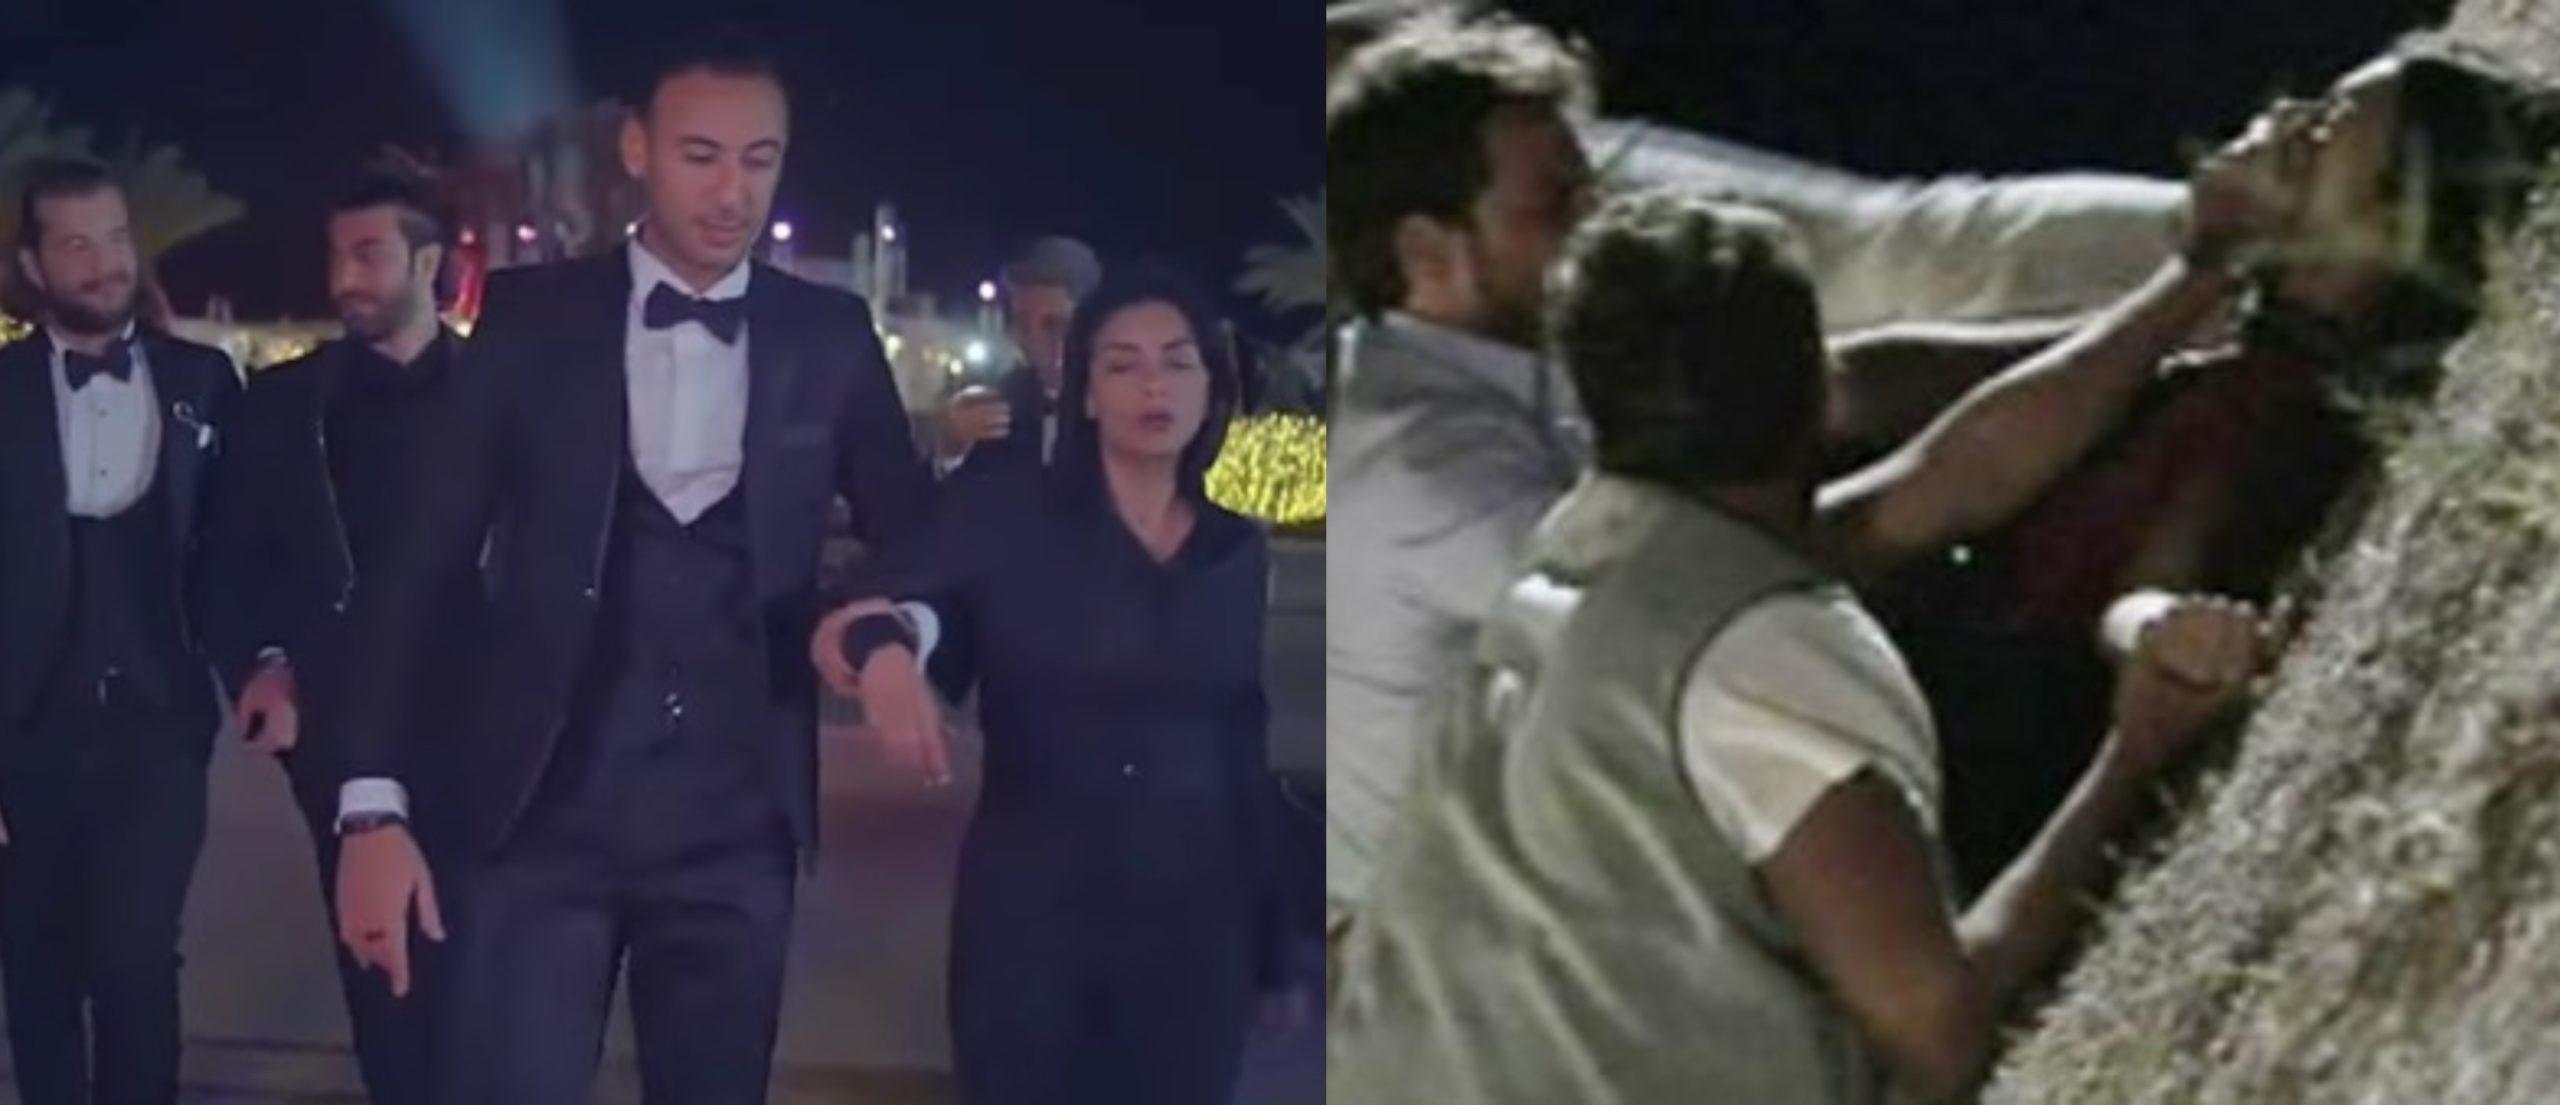 التشابه بين مسلسل الطاووس ومسلسل فاطمة التركي